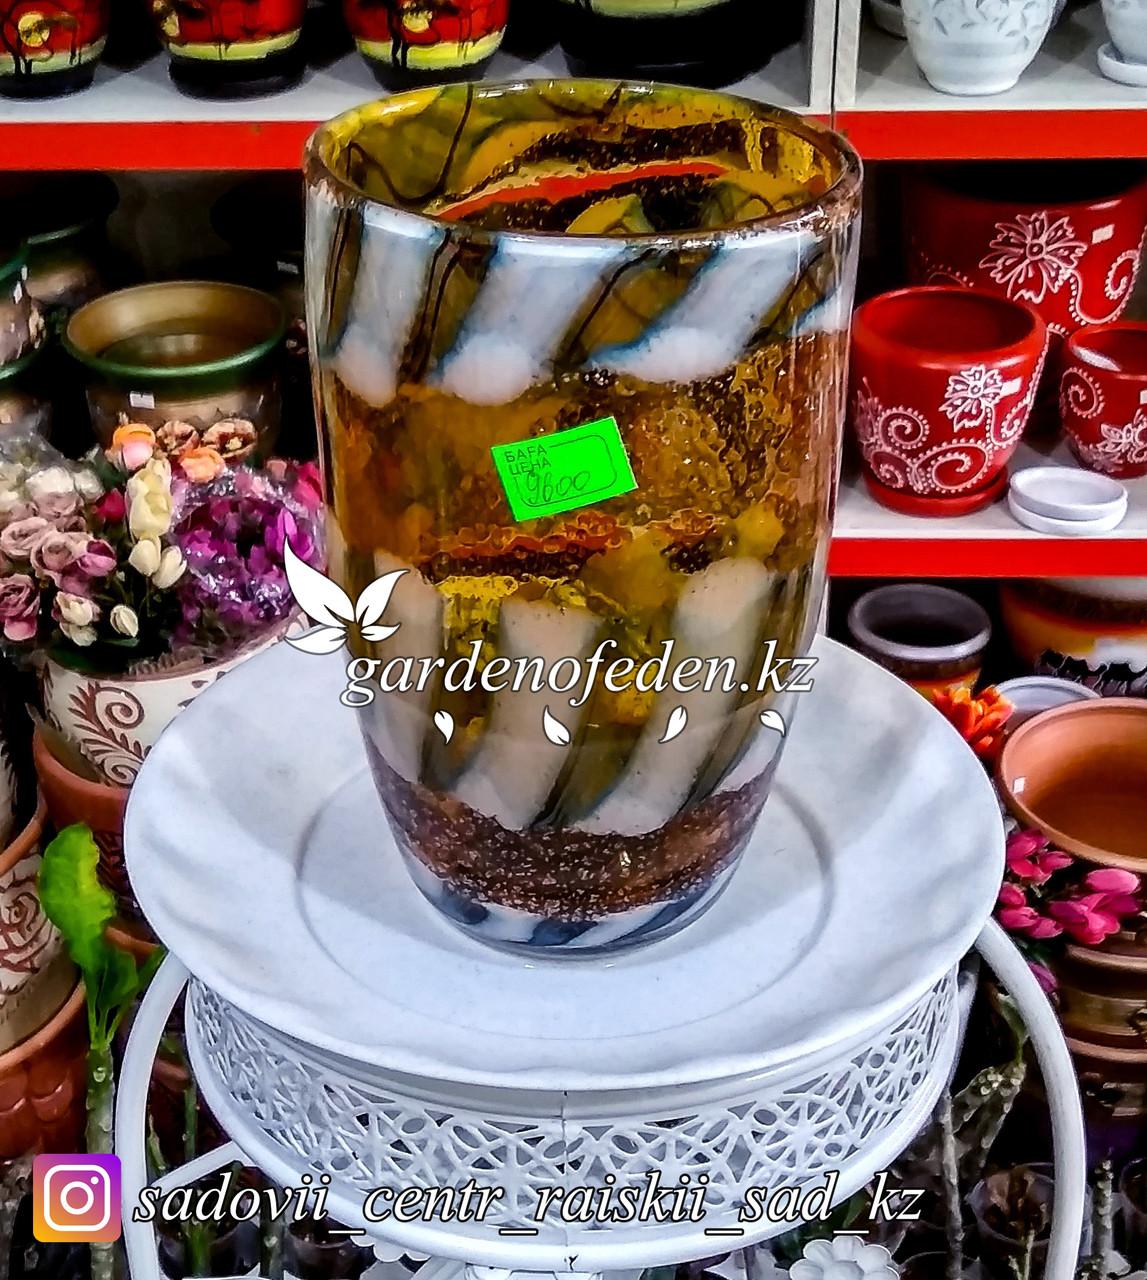 Стеклянная, декоративная ваза. Высота 30см. Цвет: Желтый. Узор в тигриную полоску.